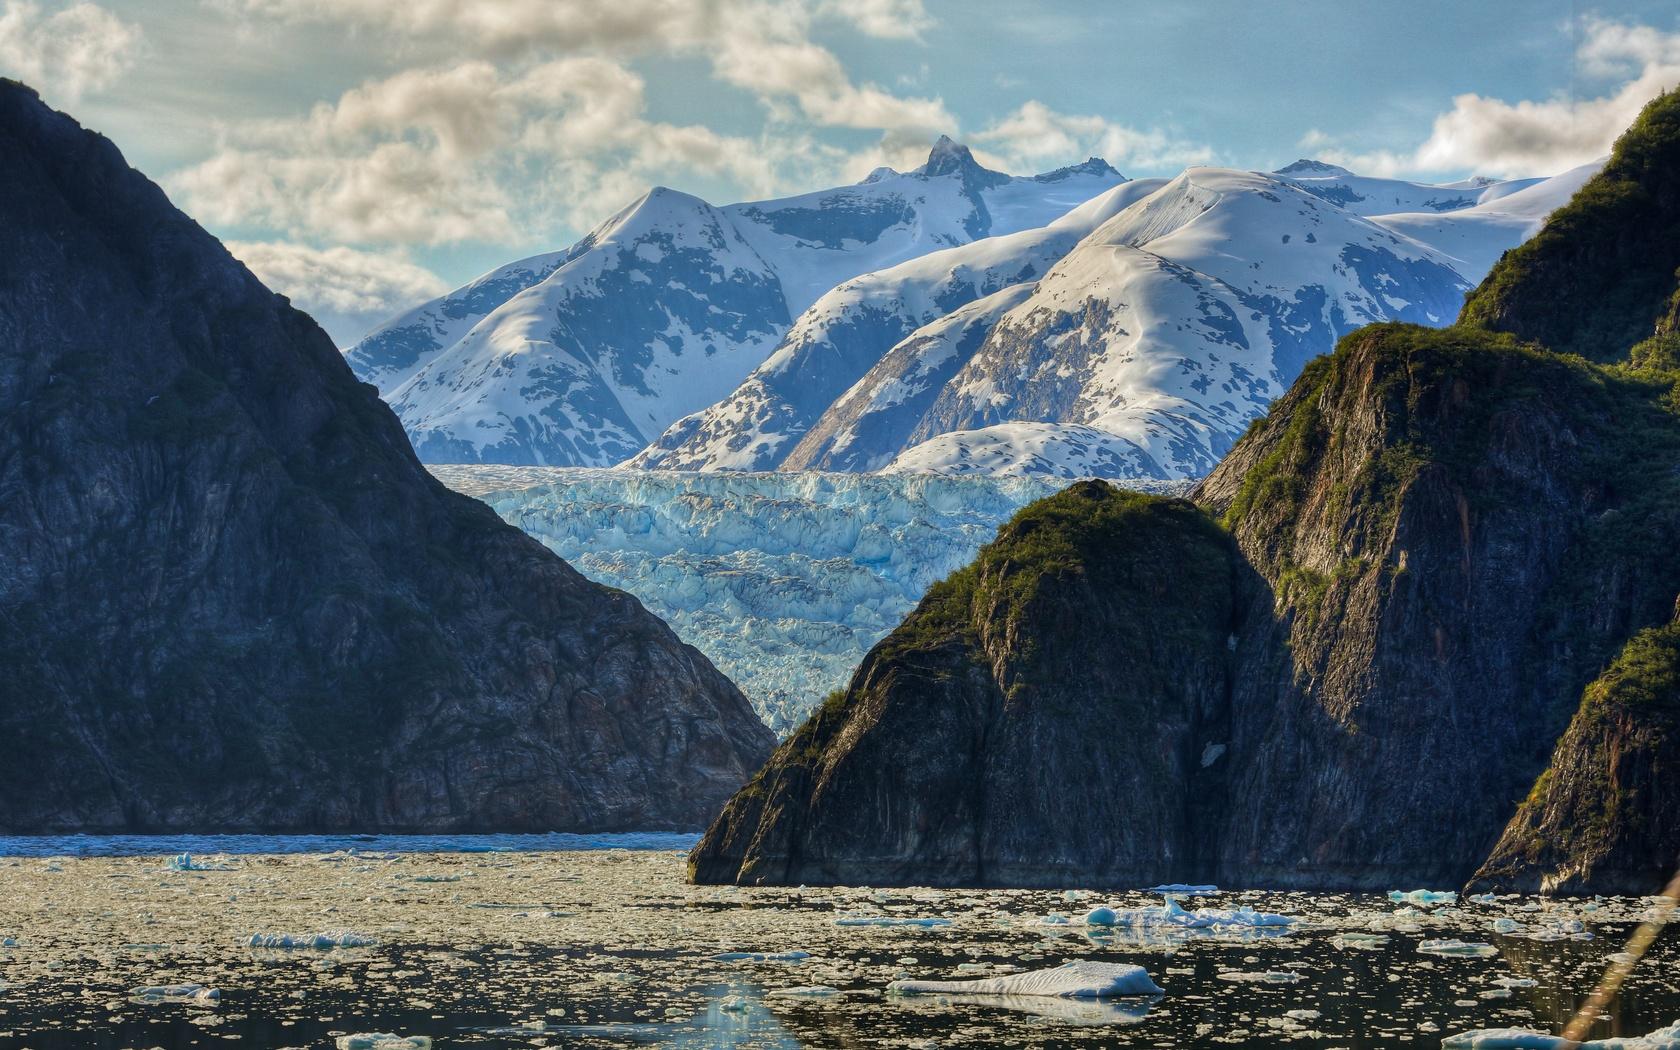 Картинки морей и гор